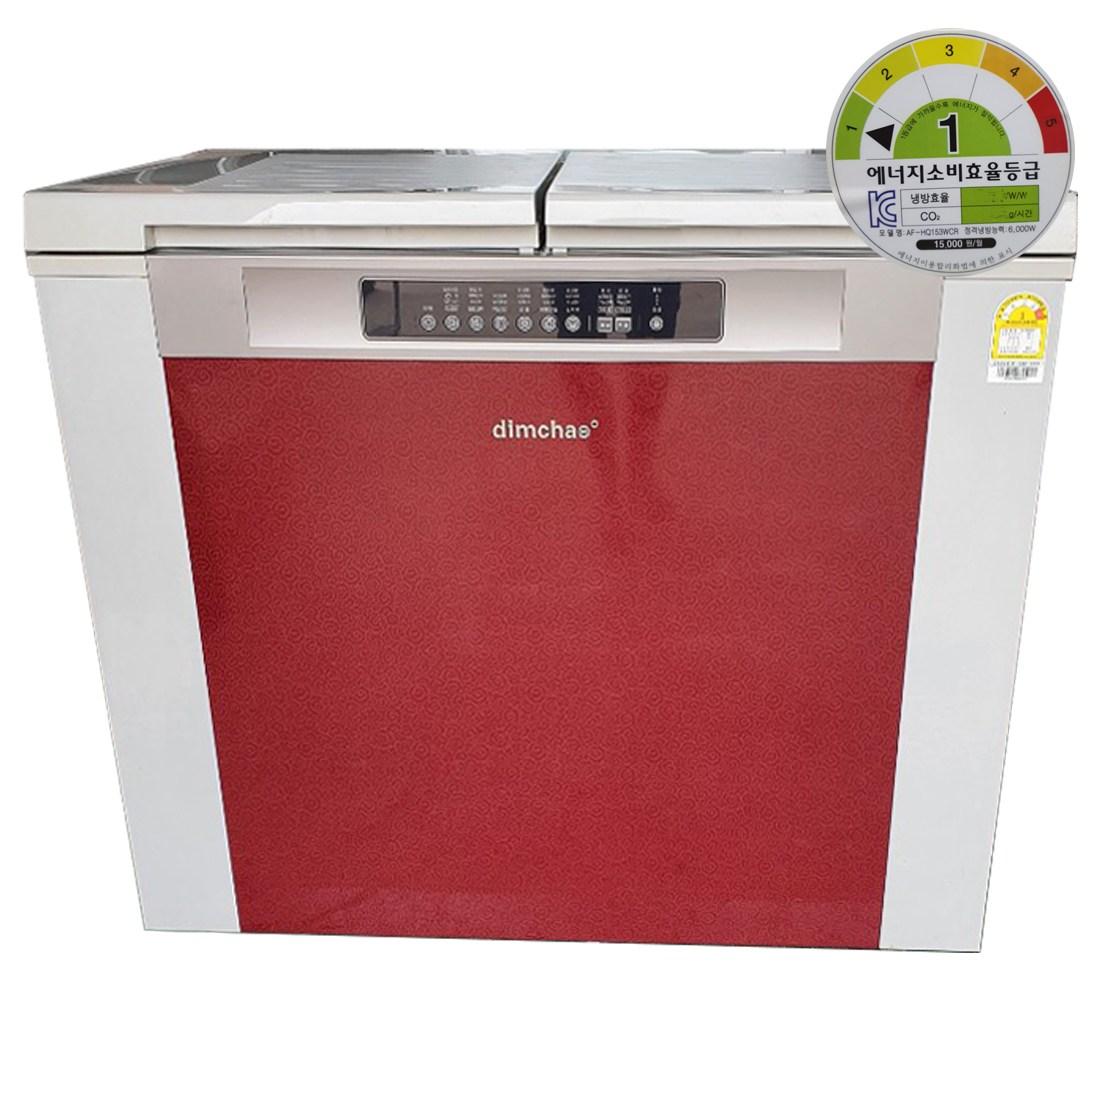 딤채 중고김치냉장고 뚜껑형 220L 에너지효율1등급